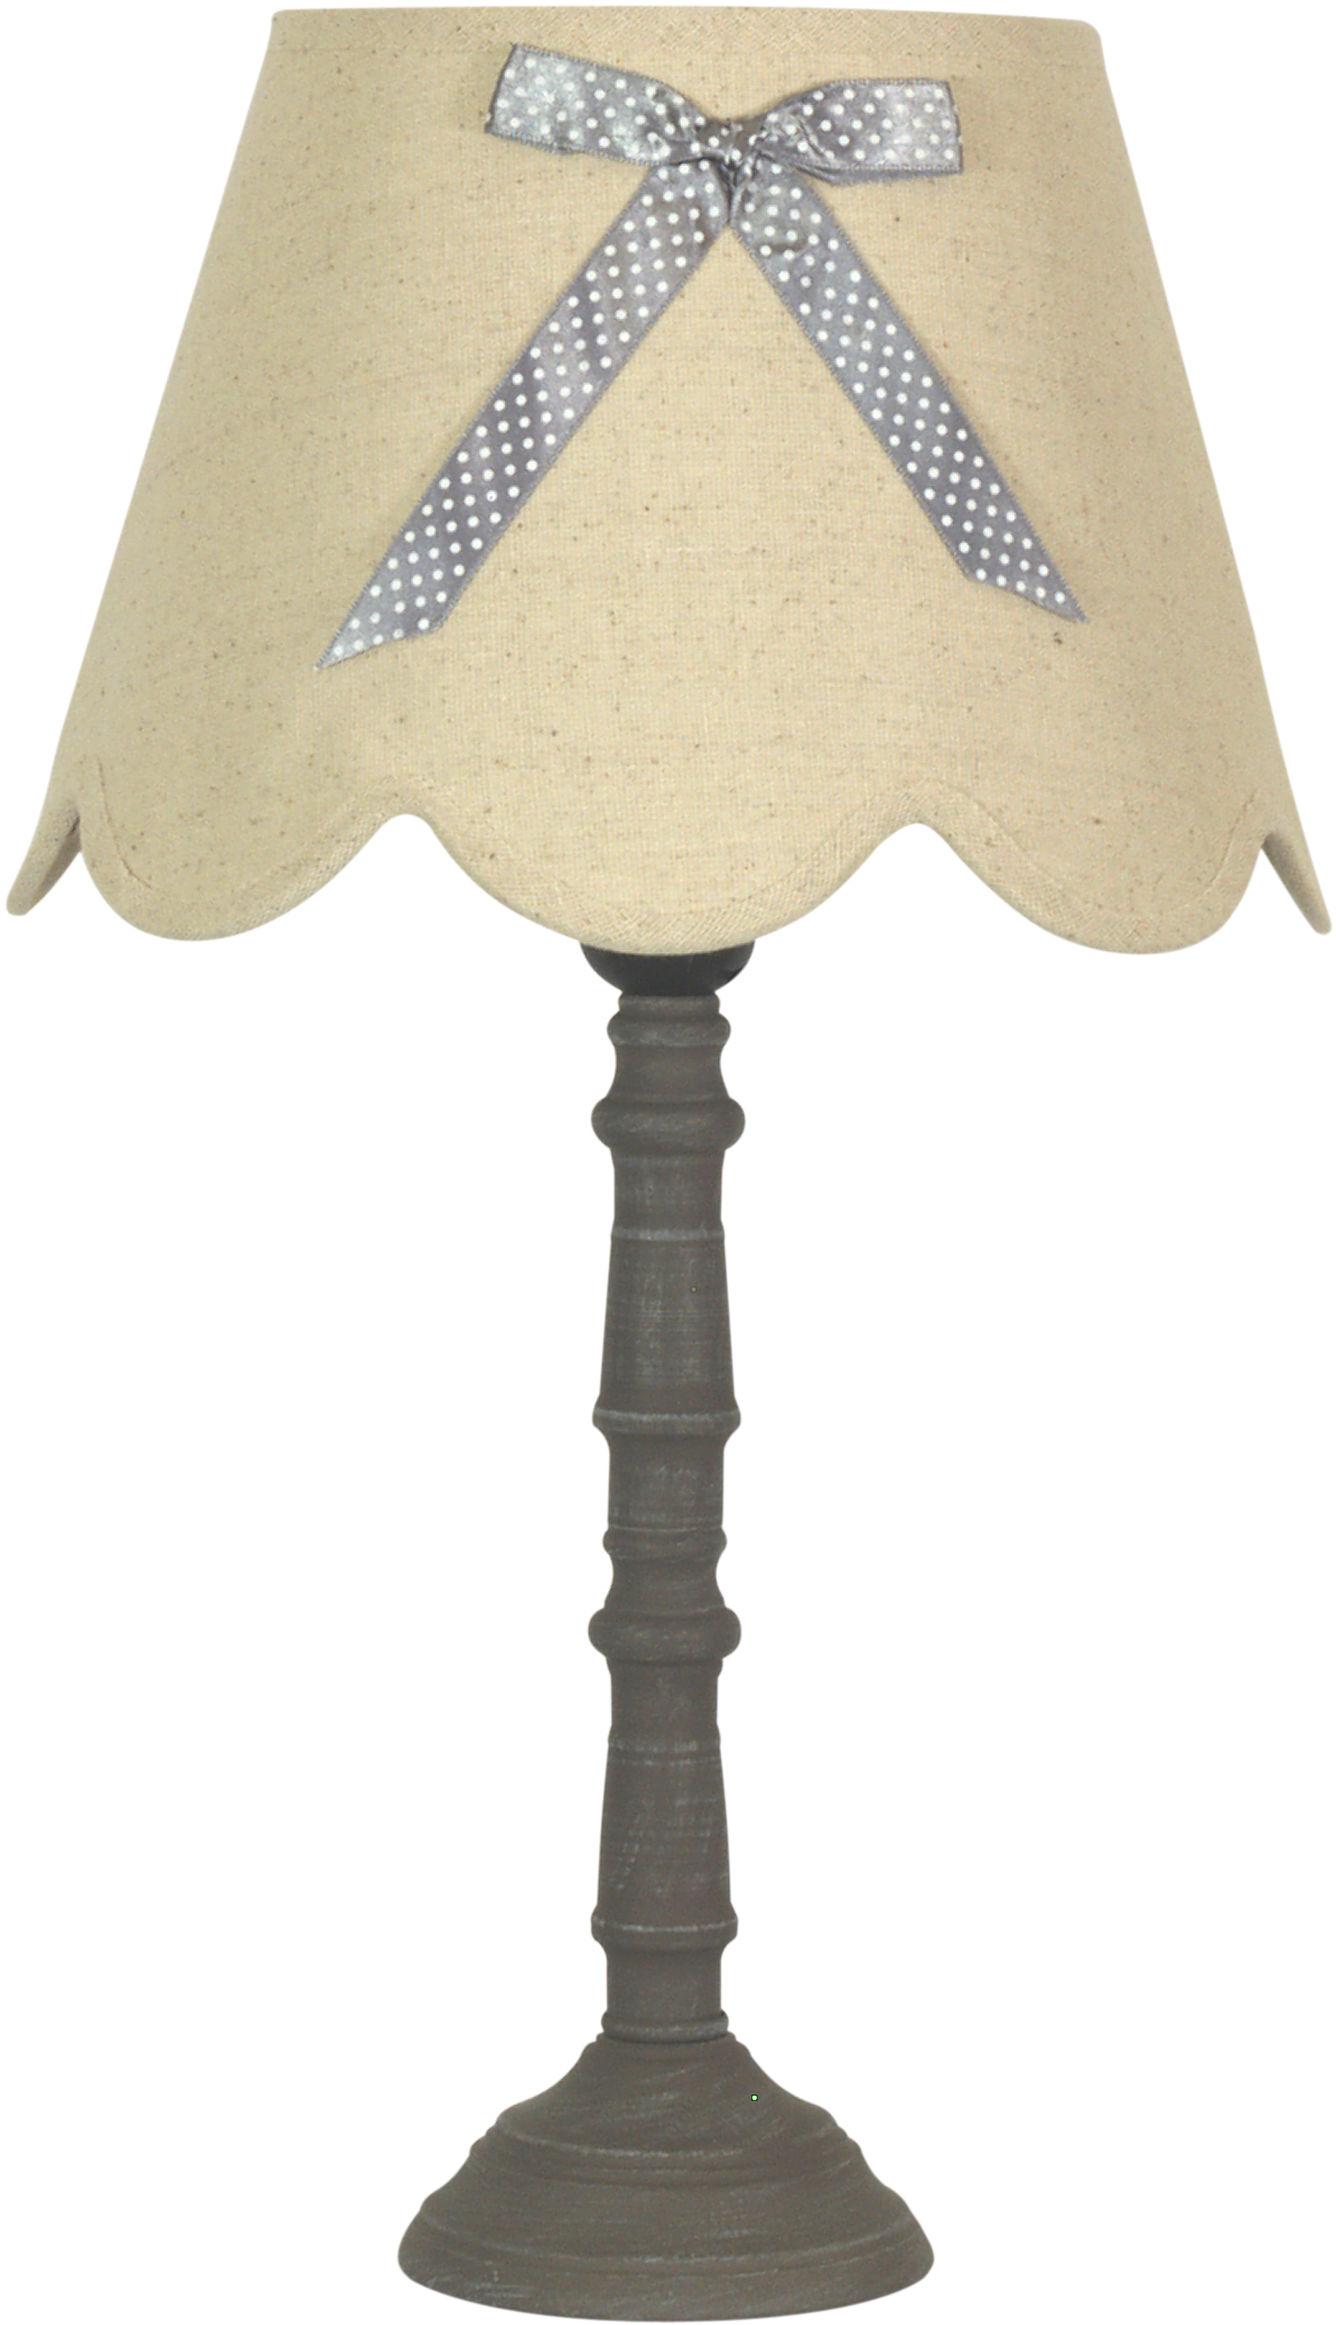 Candellux VIBU 41-28365 lampa stołowa abażur z efektowną kokardą len 1X60W E27 28 cm